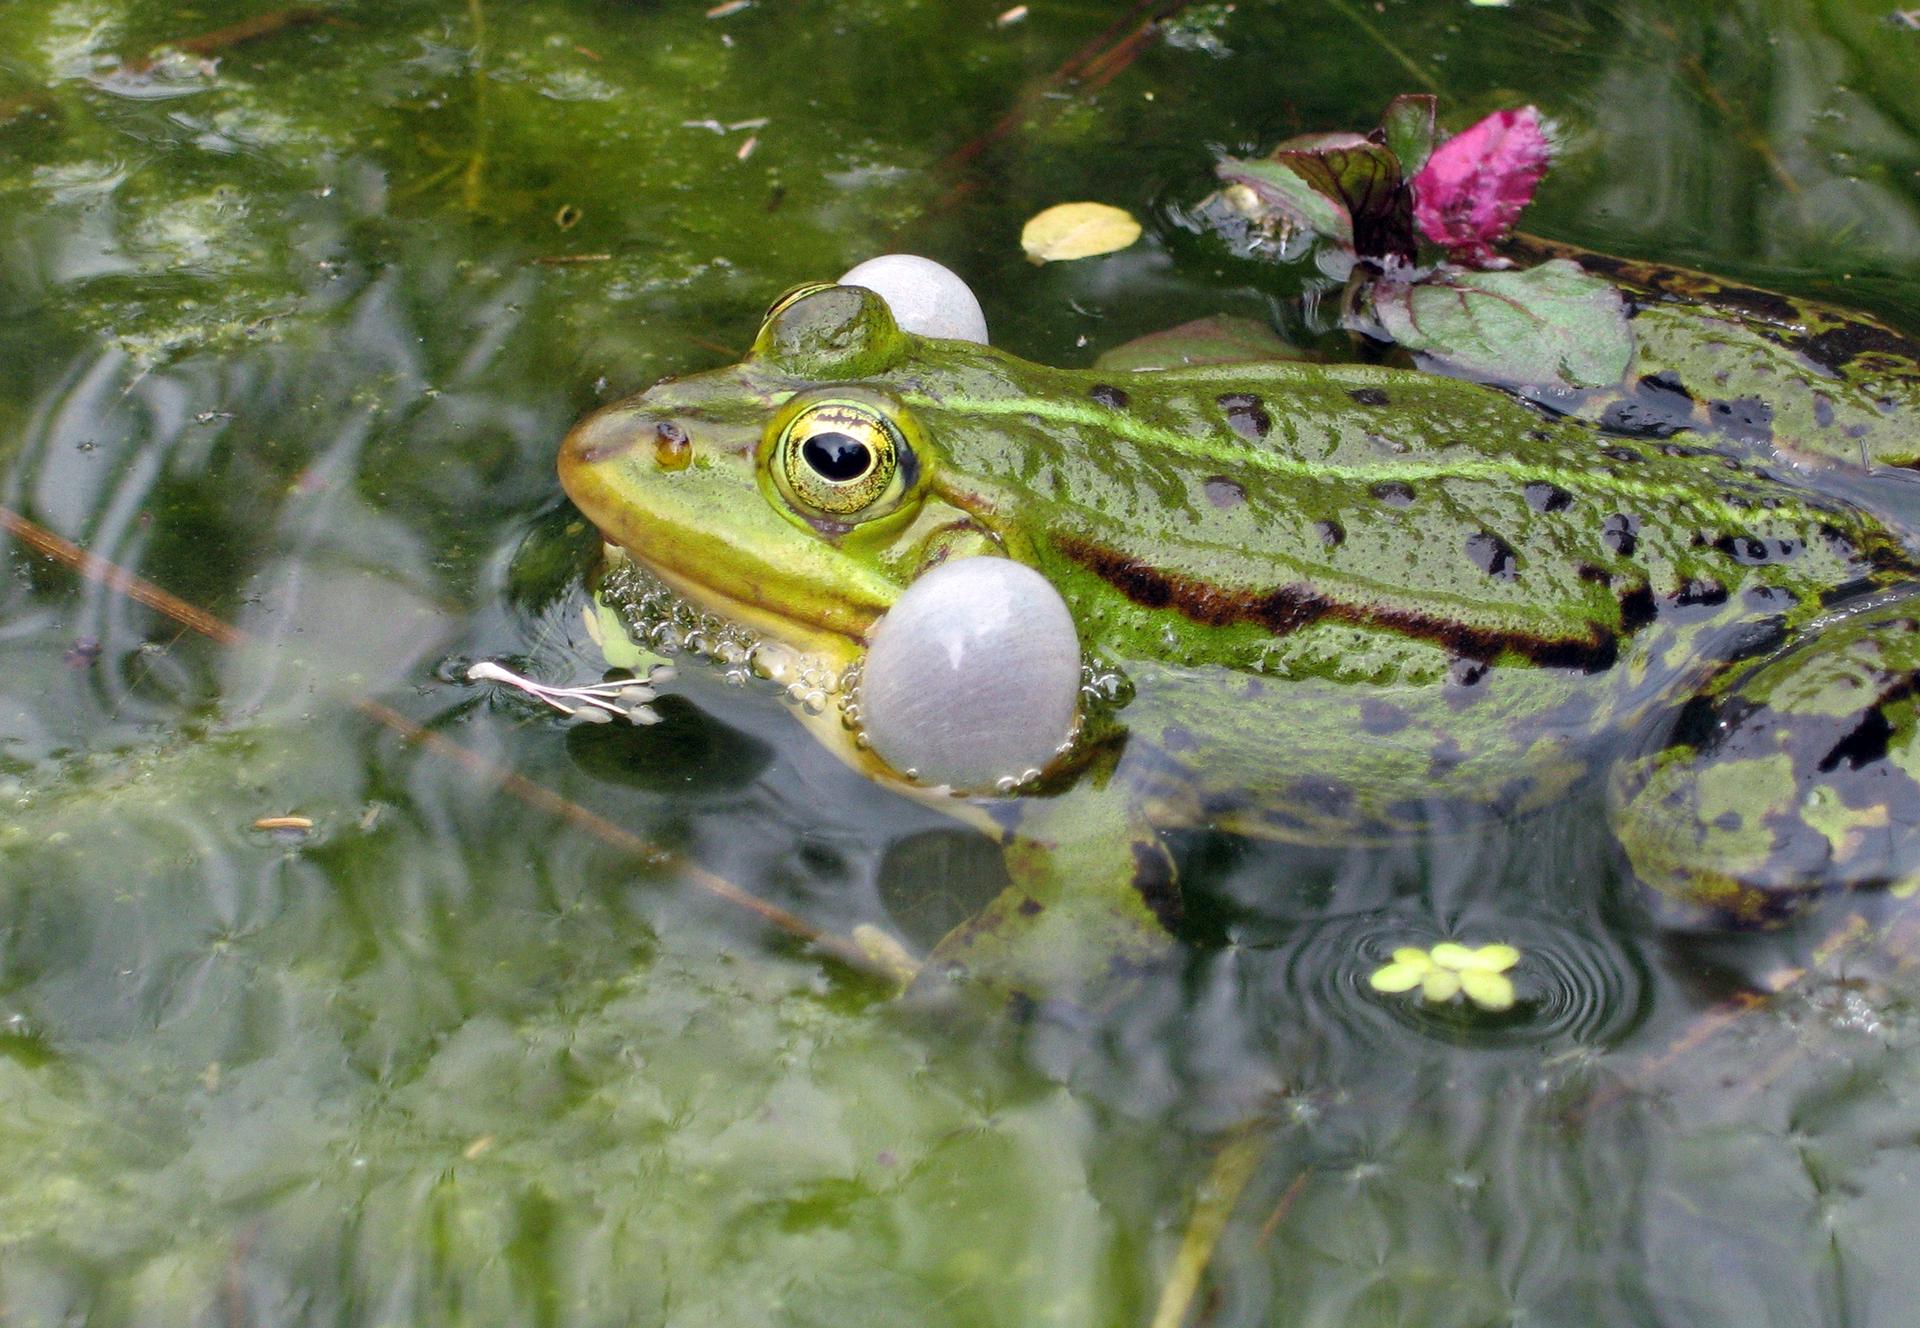 Zdjęcie żaby zwidocznymi workami głosowymi. Zwierze pływa na powierzchni wody. Żaba jest zielona zjandym pasem wzdłuż grzbietu. Po bokach głowy, tuz za oczami widoczne są worki rezonansowe wzmiacniające głos żaby. Mają kształt baloników.